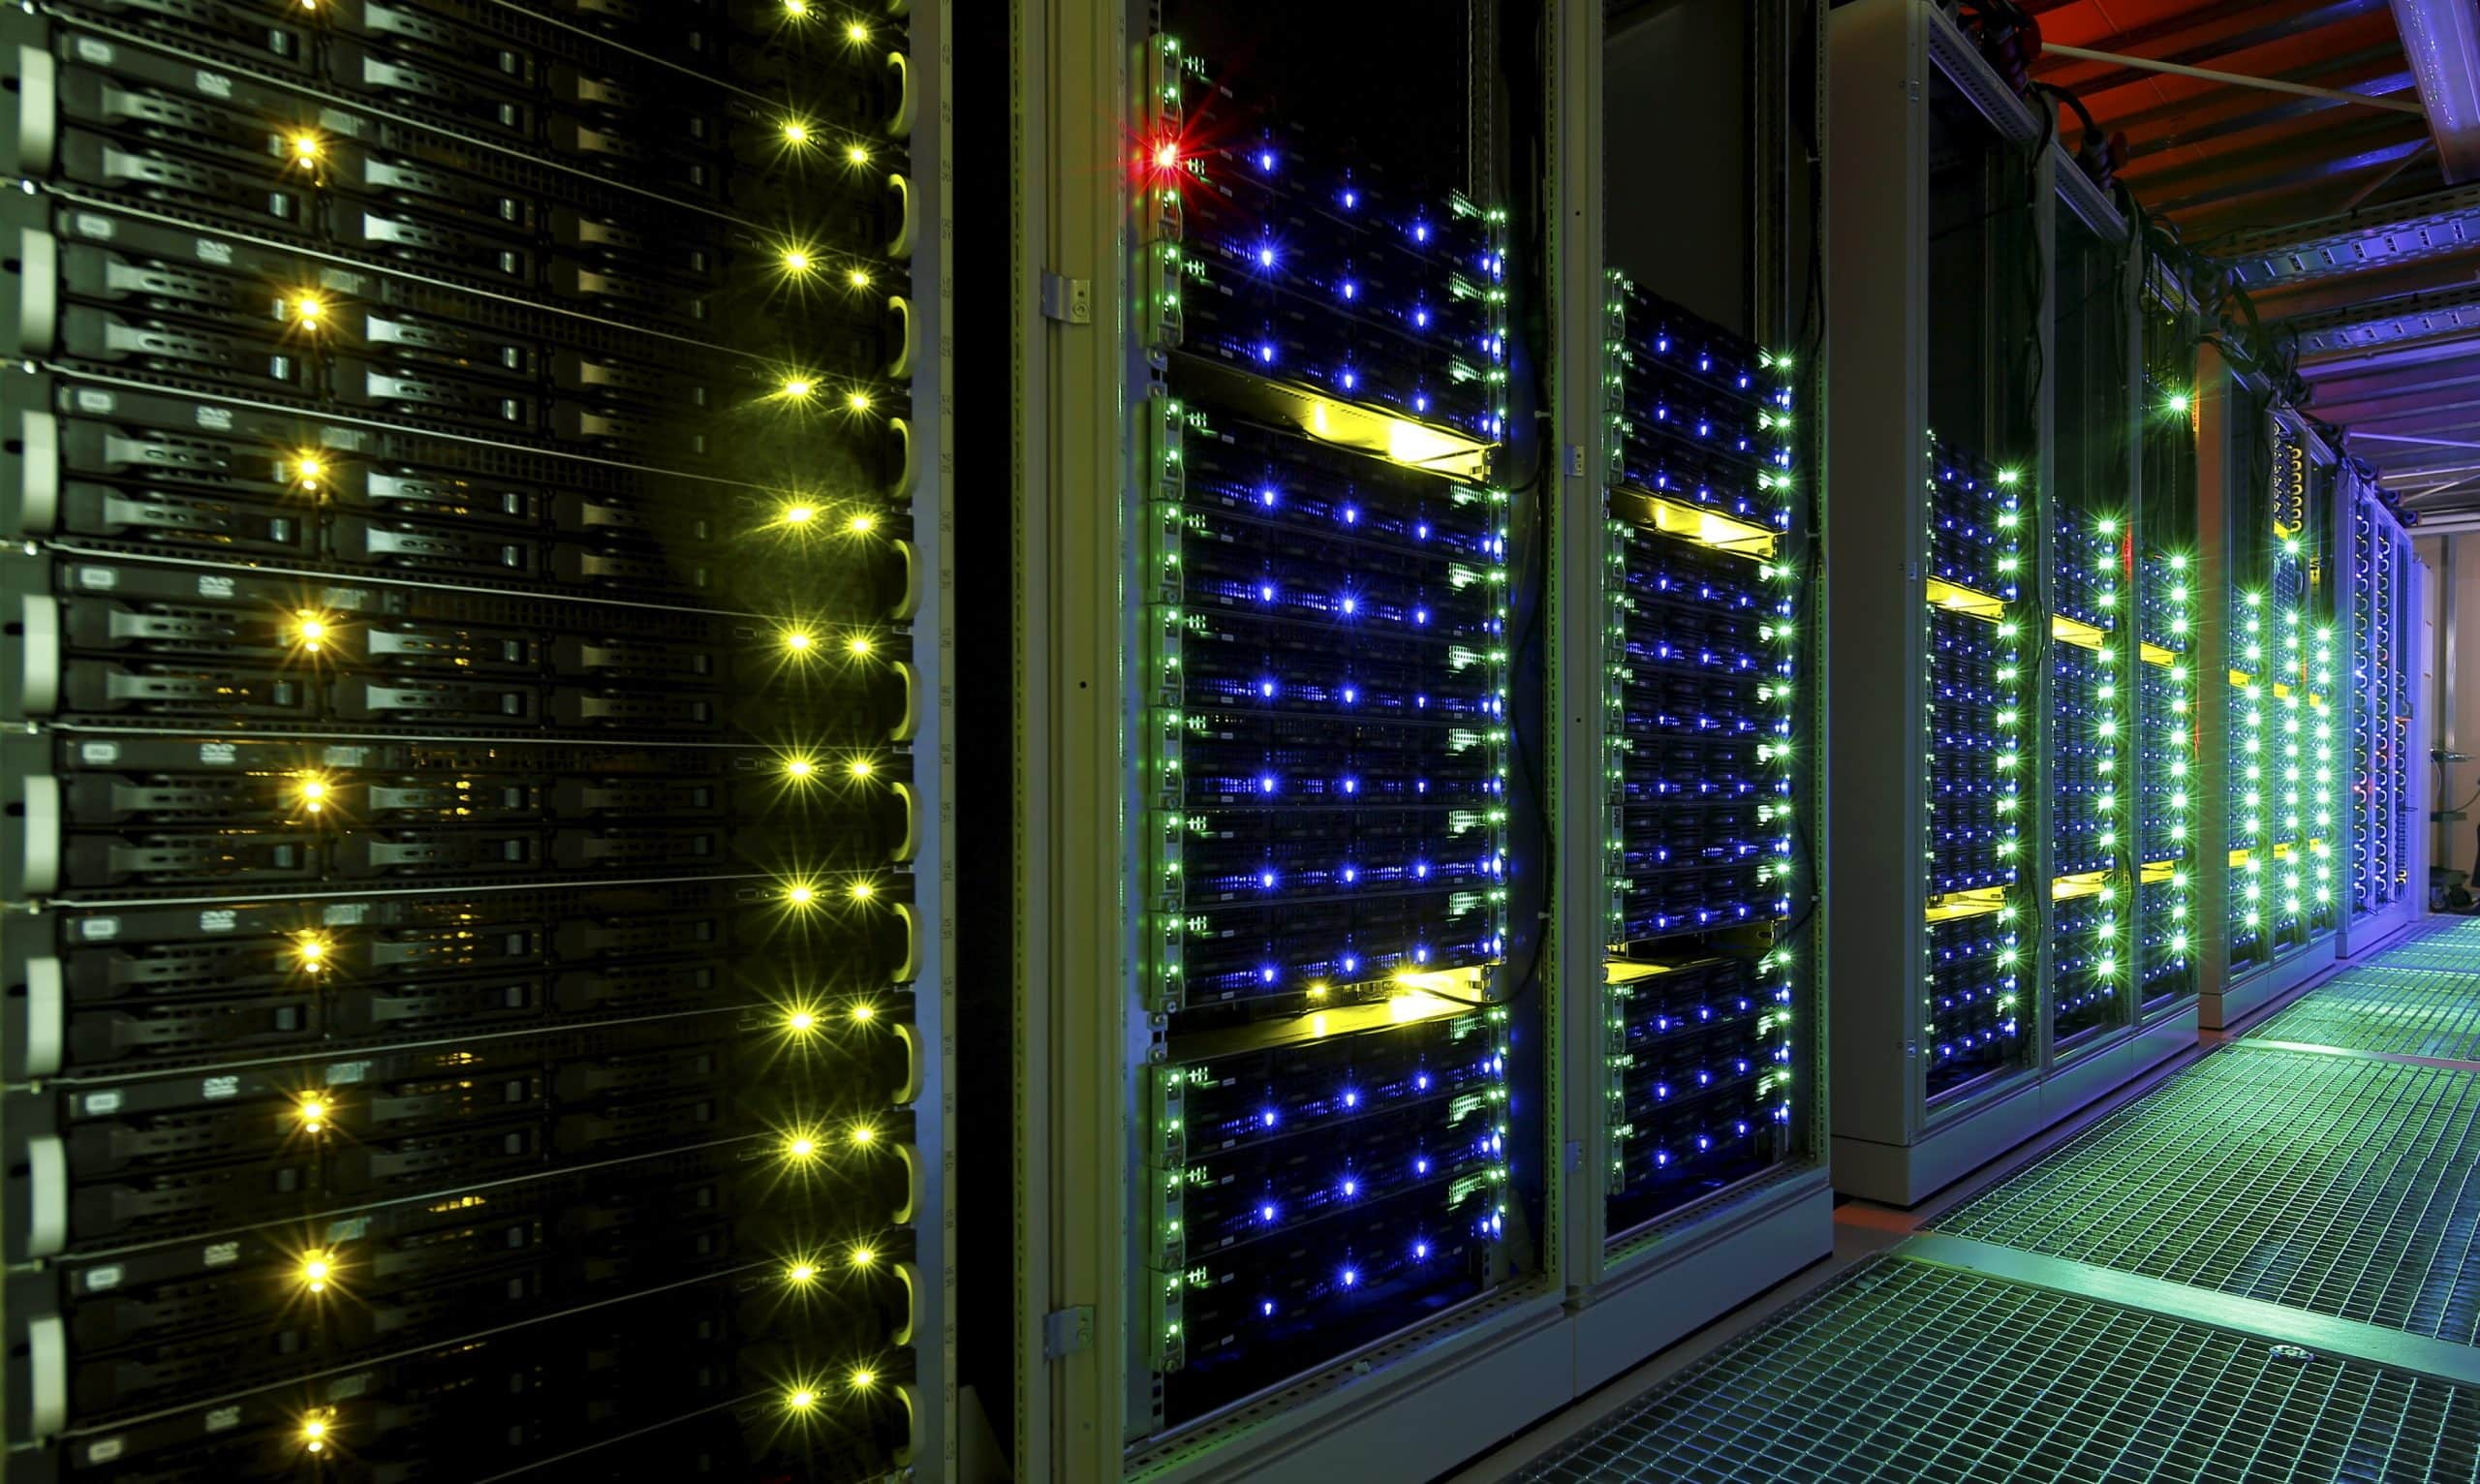 Microsoft показала один из самых мощных суперкомпьютеров в мире